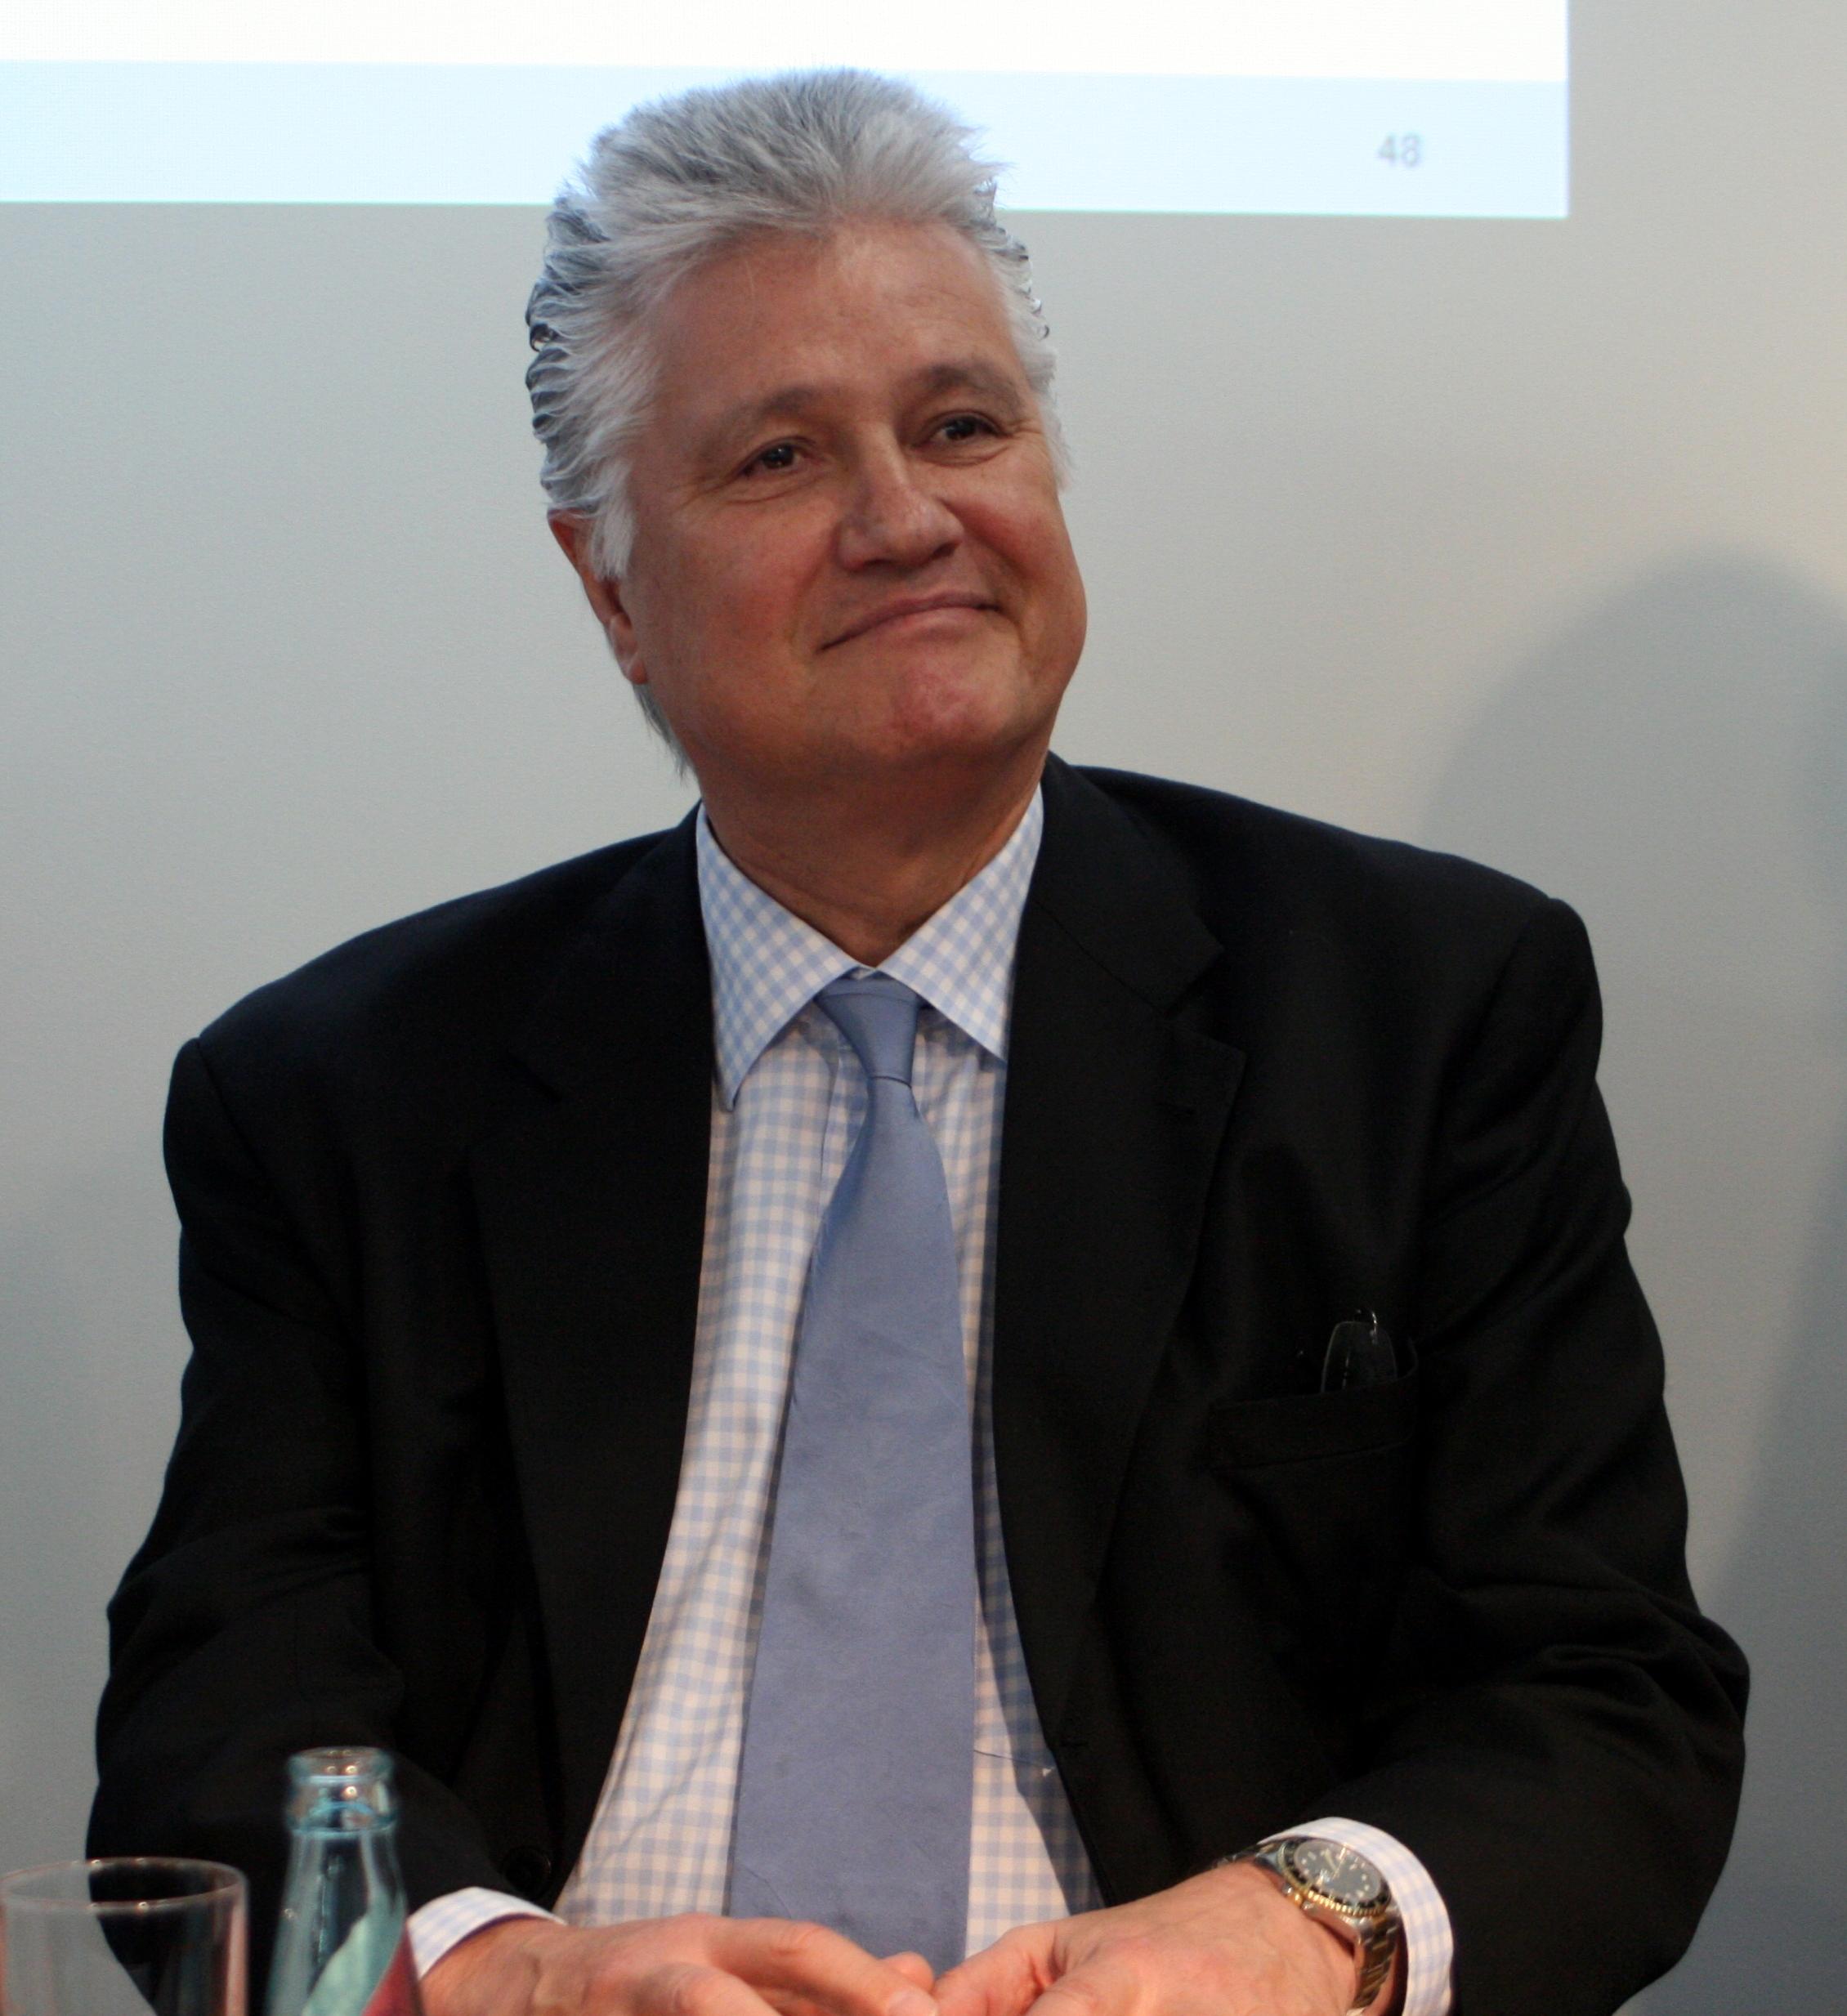 Guido Knopp Größe